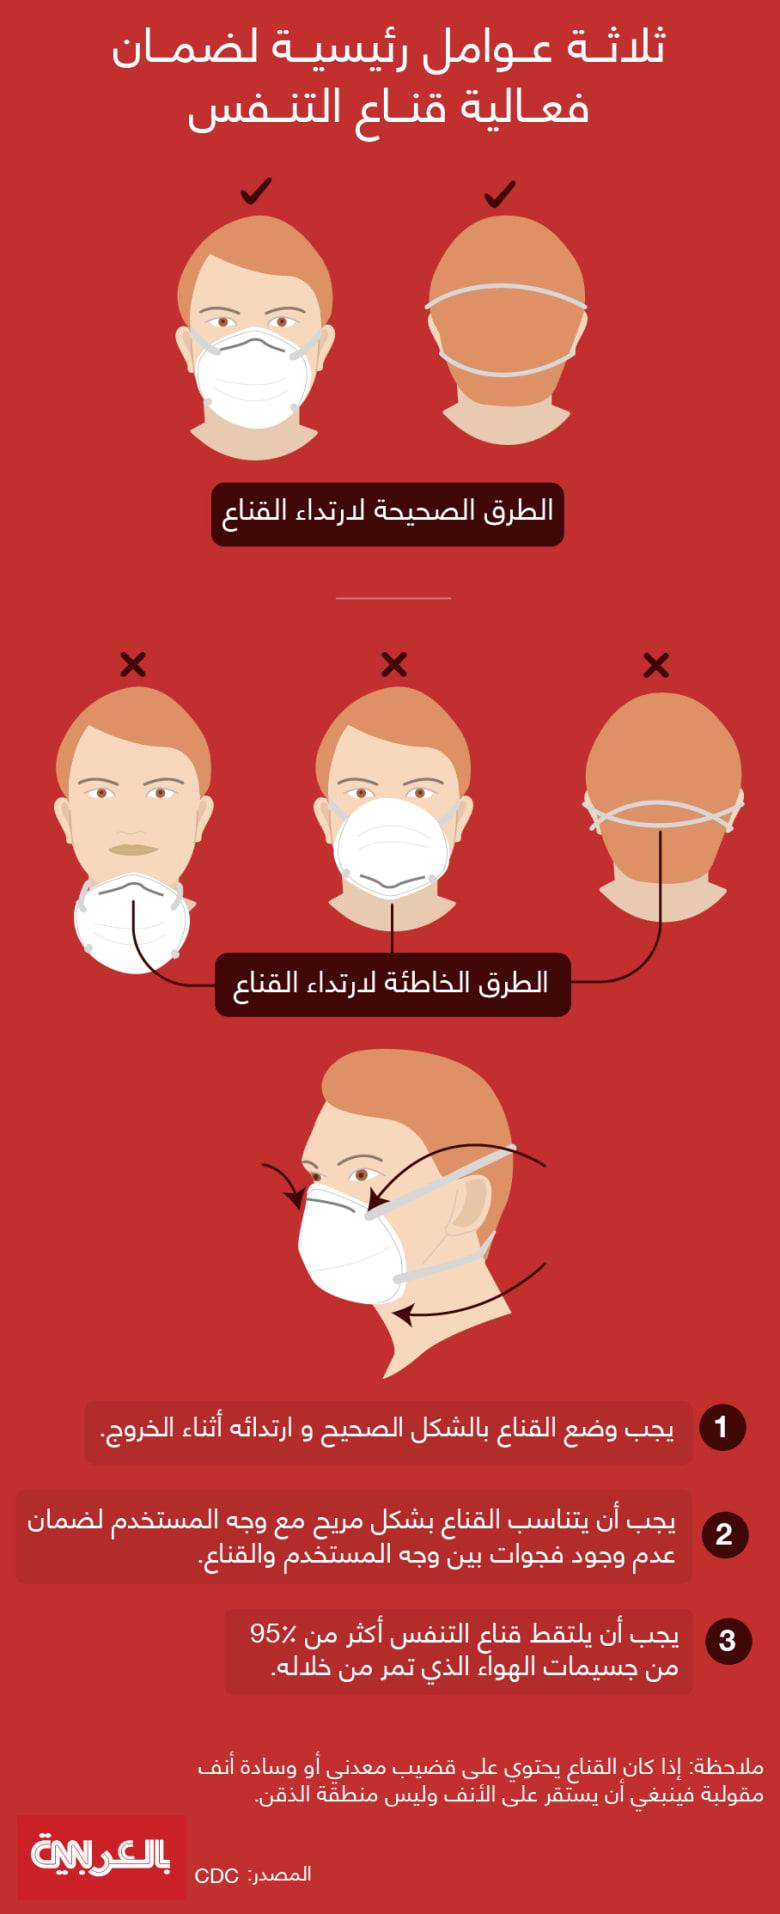 3 efficient factors - best way to wear a mask